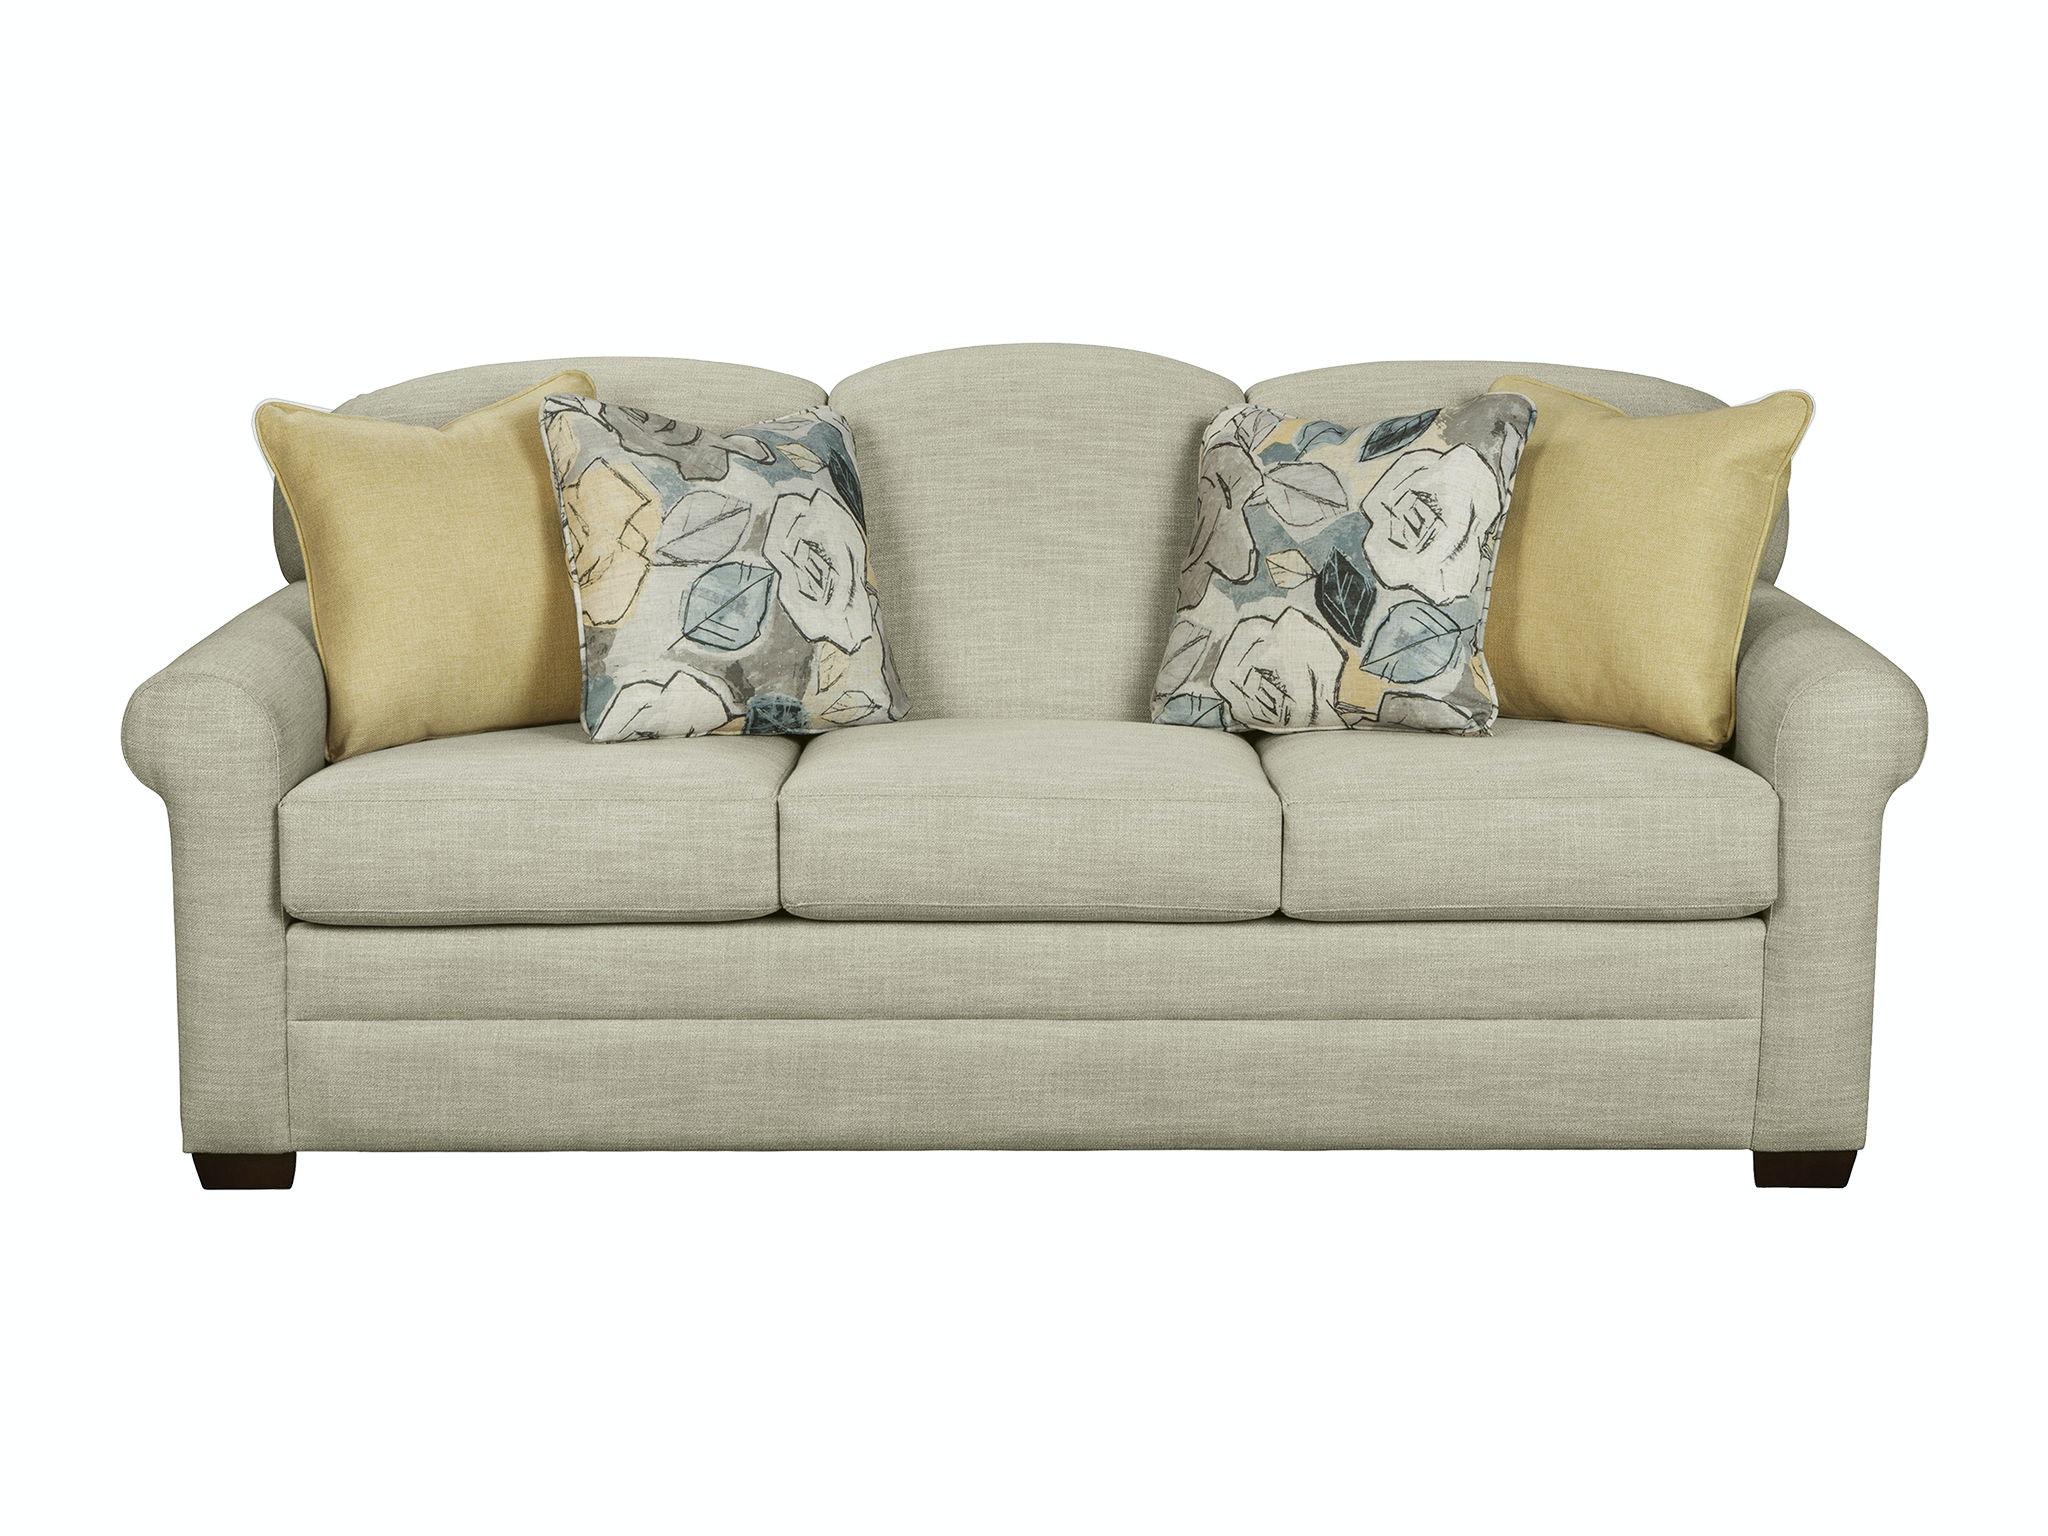 Hickorycraft Living Room Sofa 778450